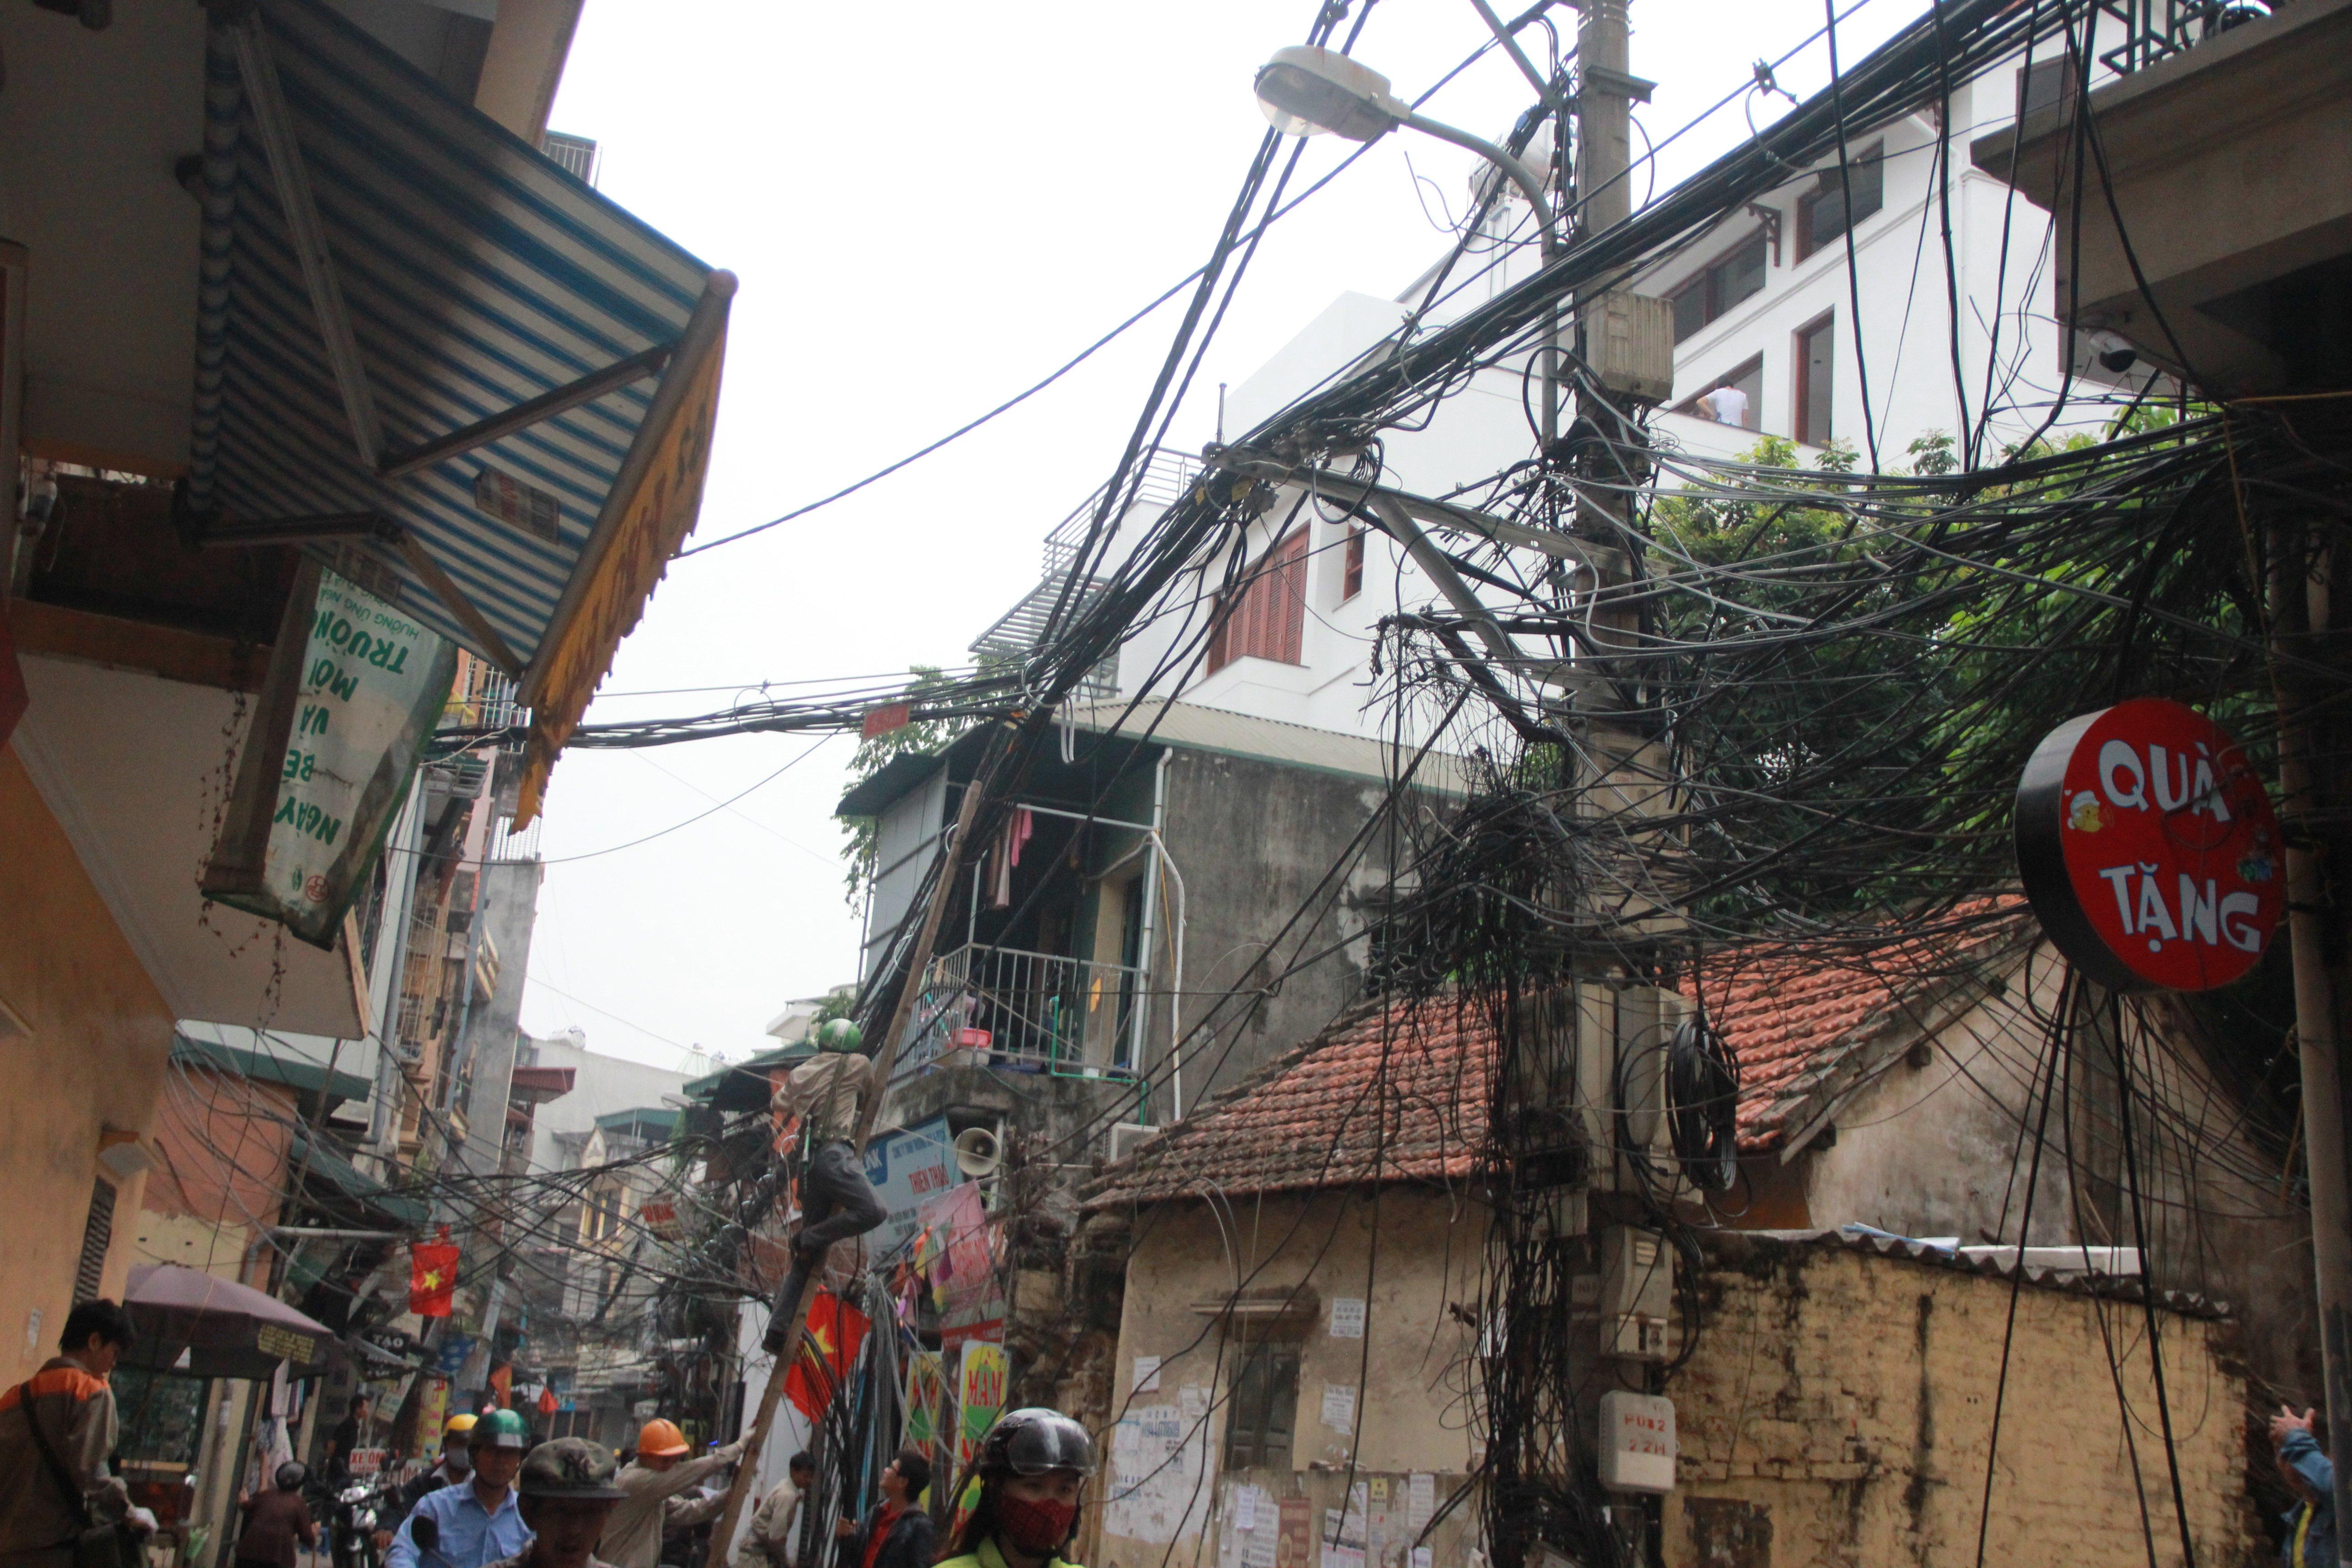 Cận cảnh 'ổ màng nhện' khổng lồ ở Hà Nội 5